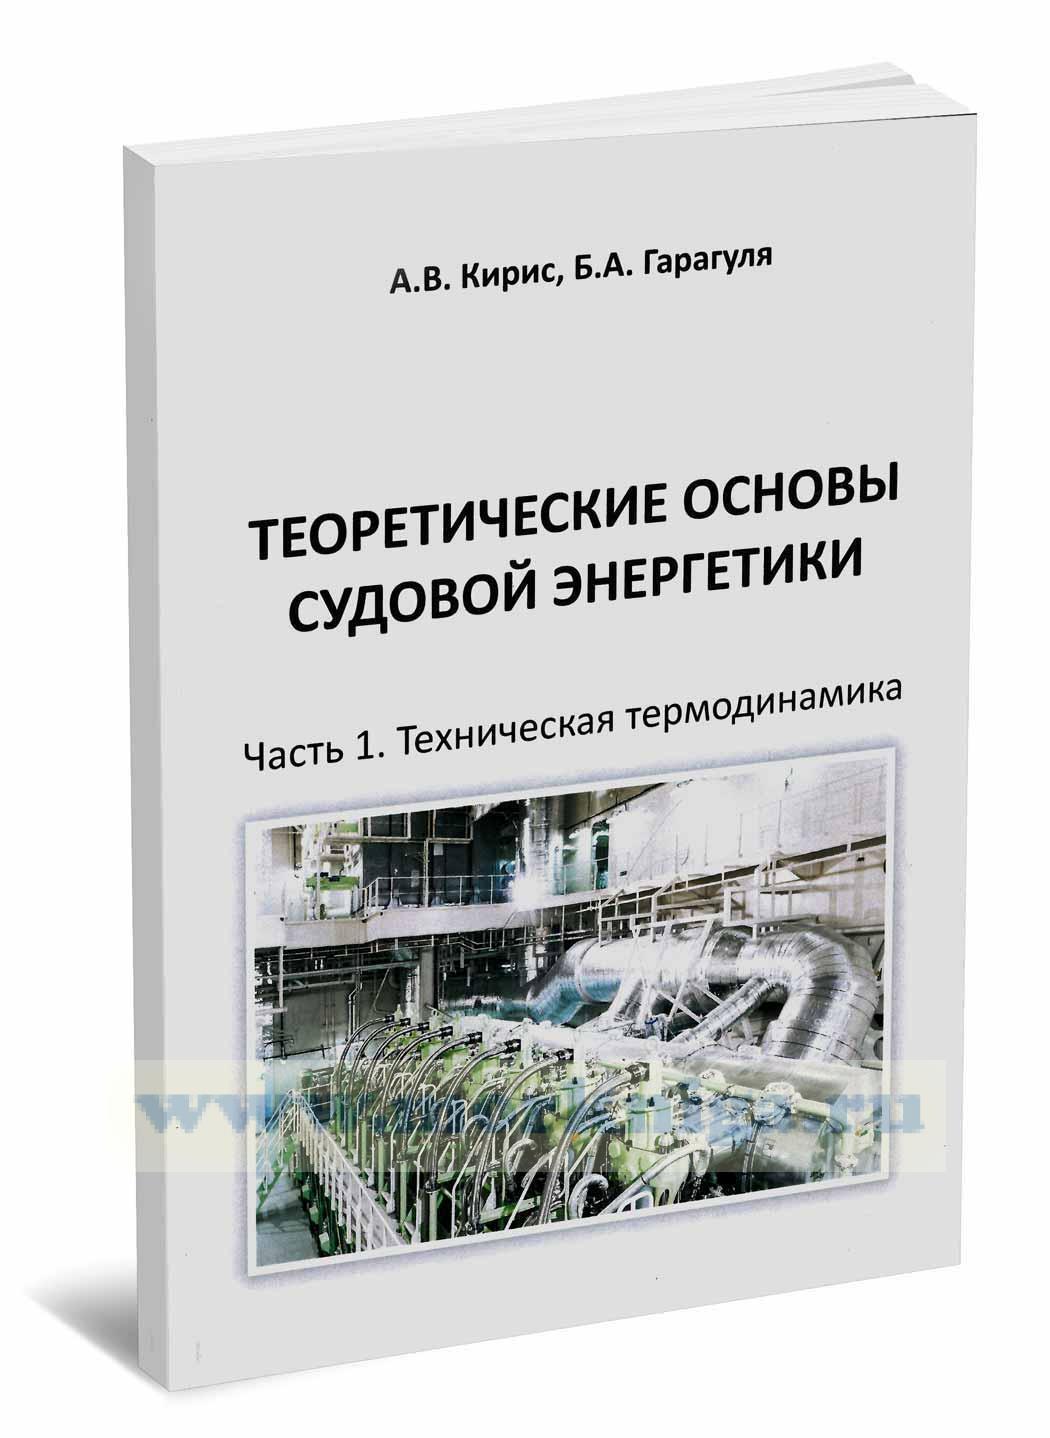 Теоретические основы судовой энергетики. Ч. 1. Техническая термодинамика: учебное пособие